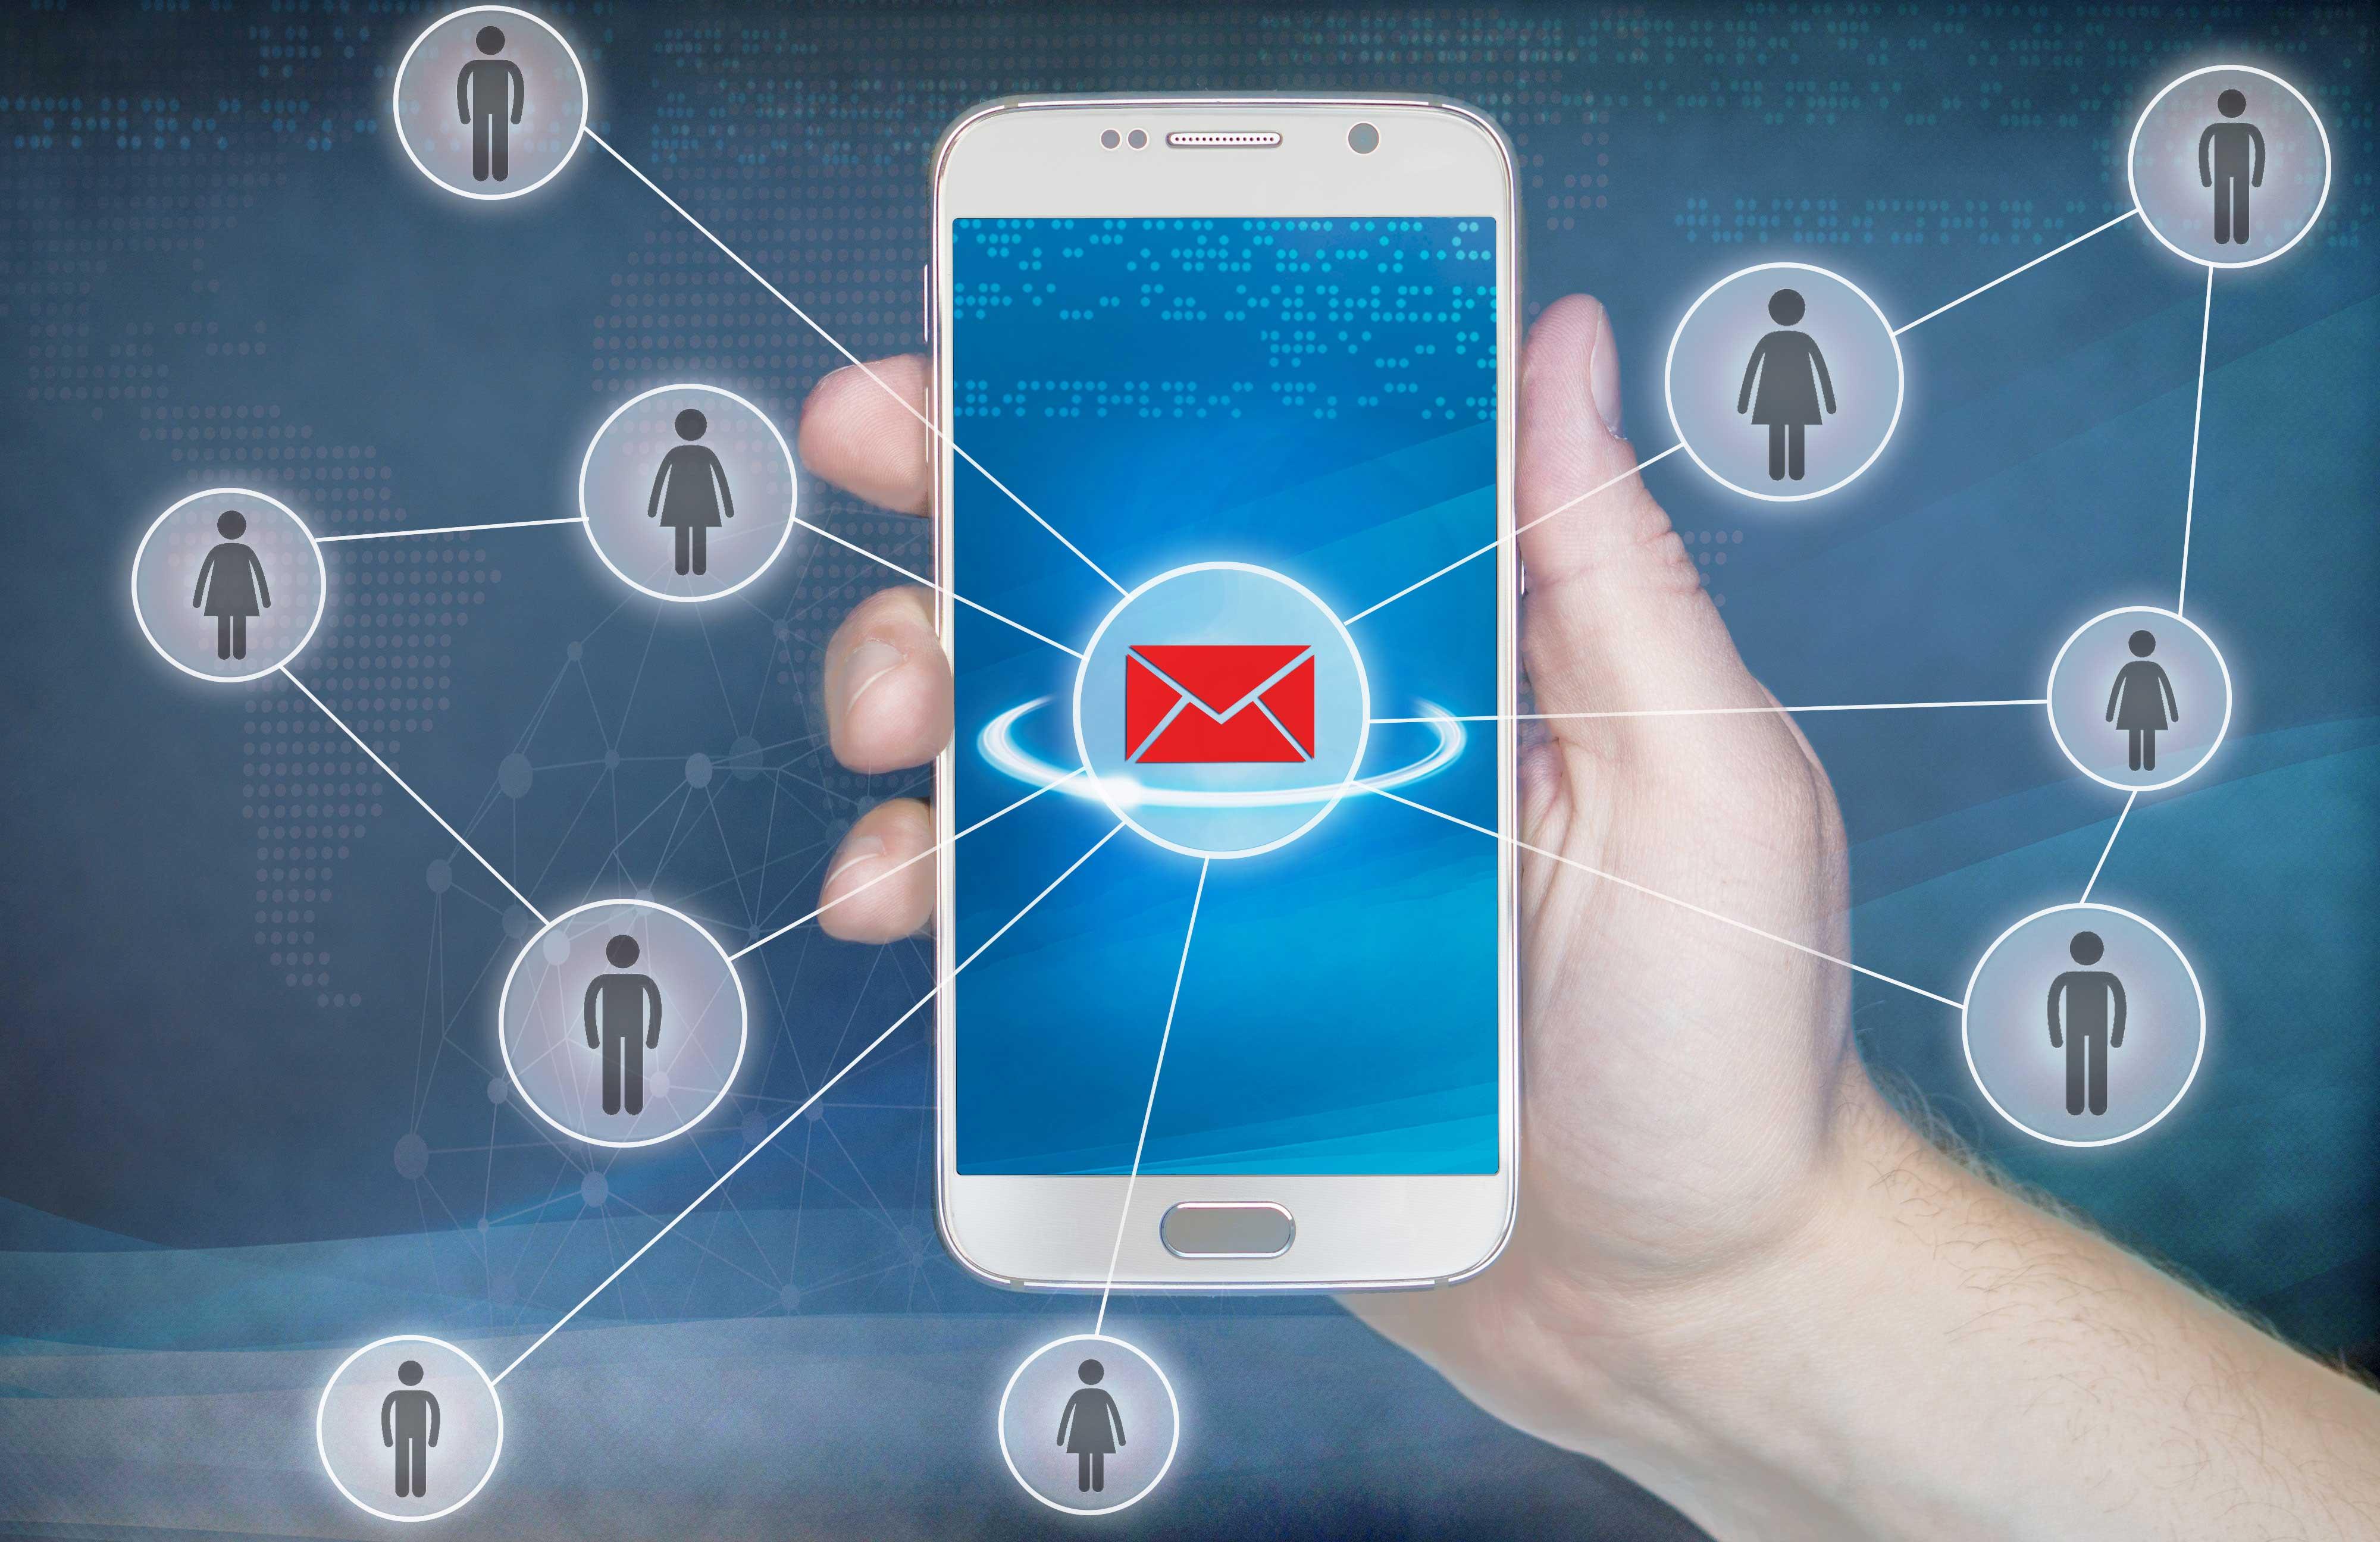 5G手机强势上市,手机市场有望重回增长轨道.